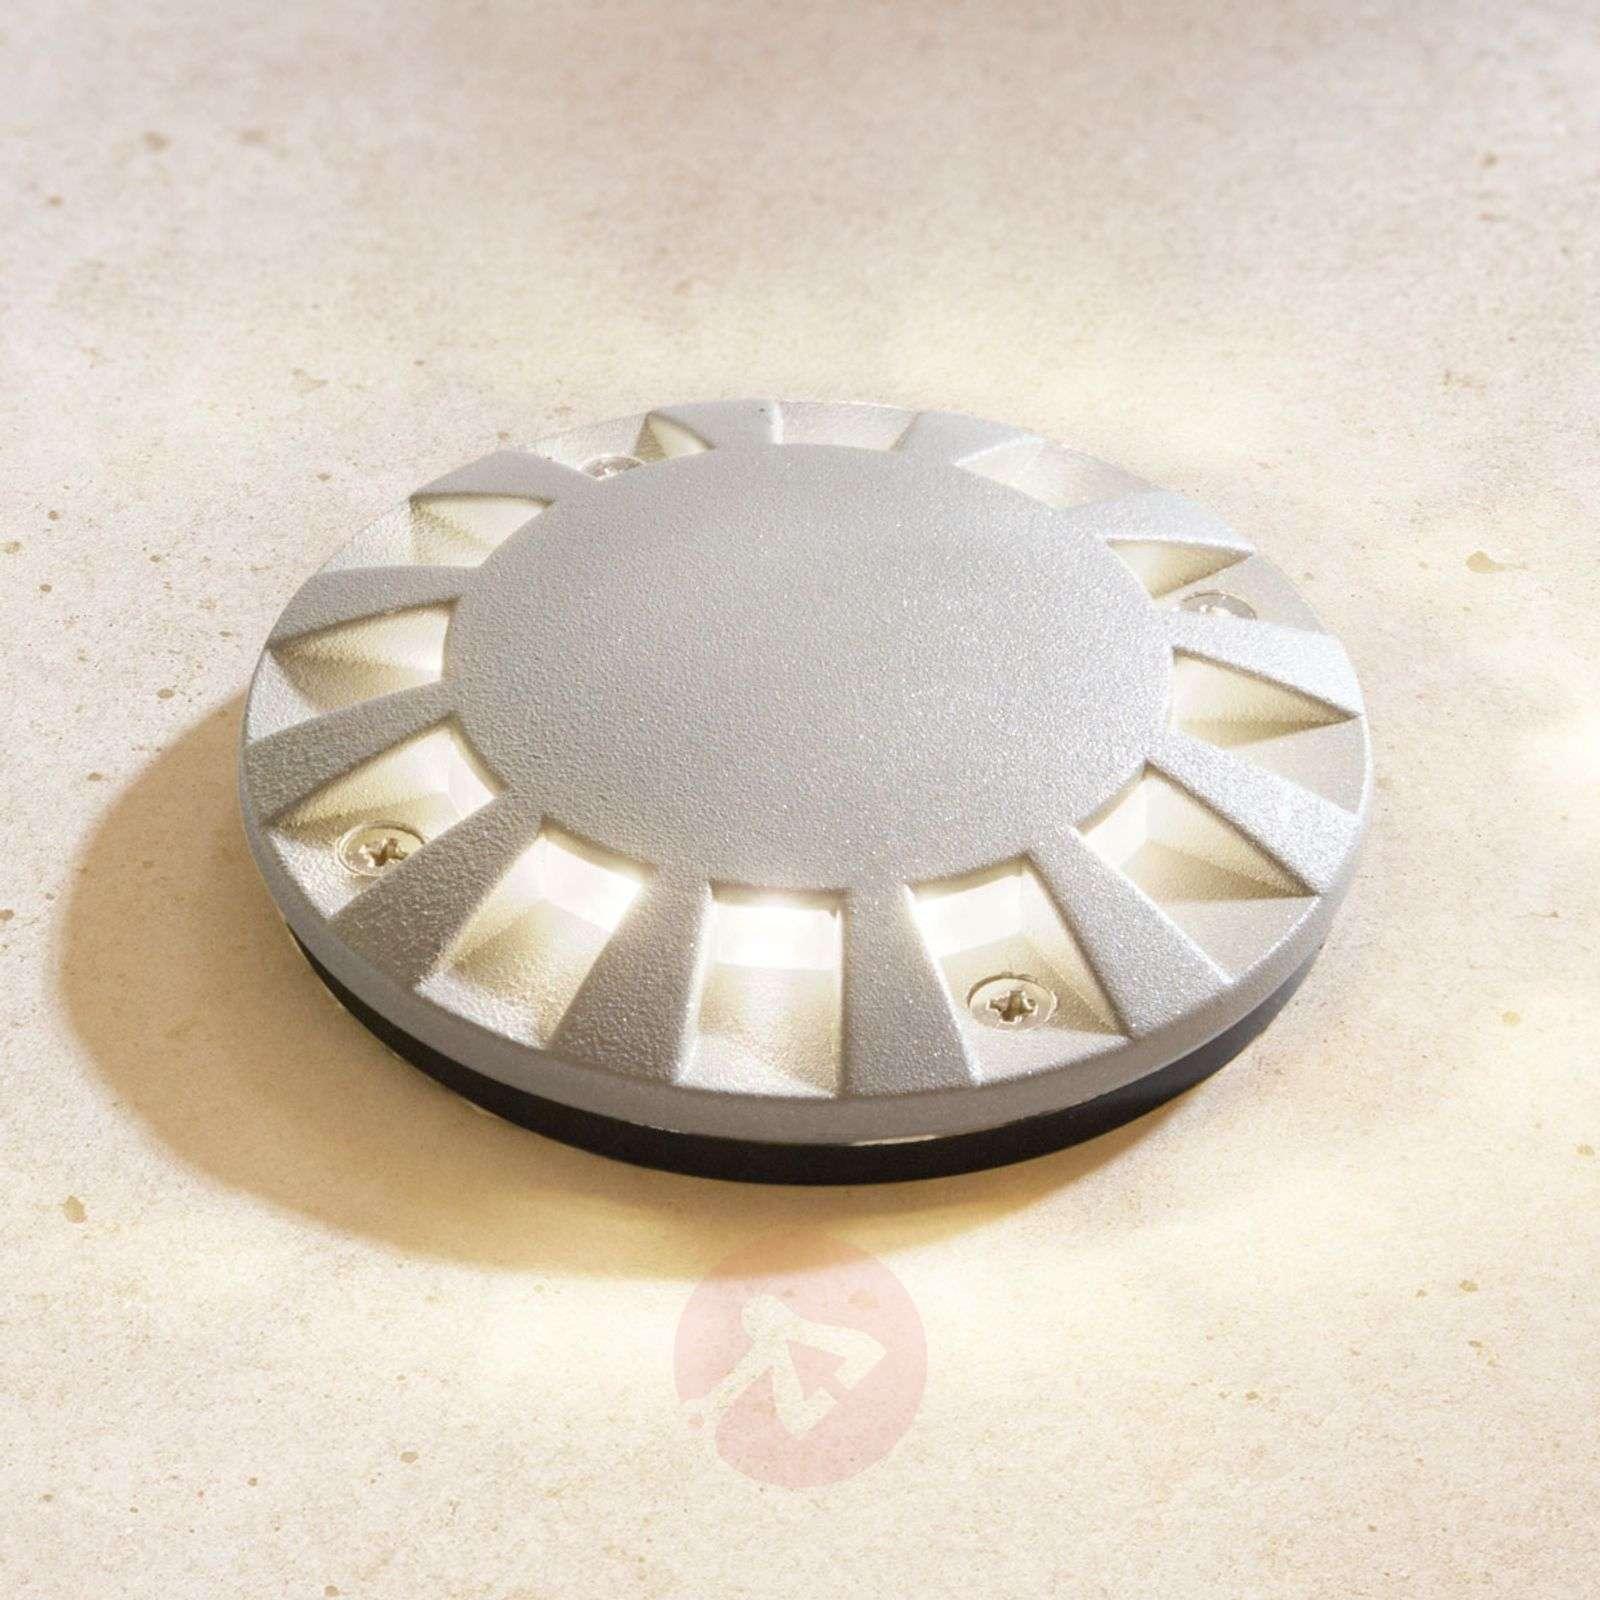 LED-uppovalaisin Namika-9949042-02